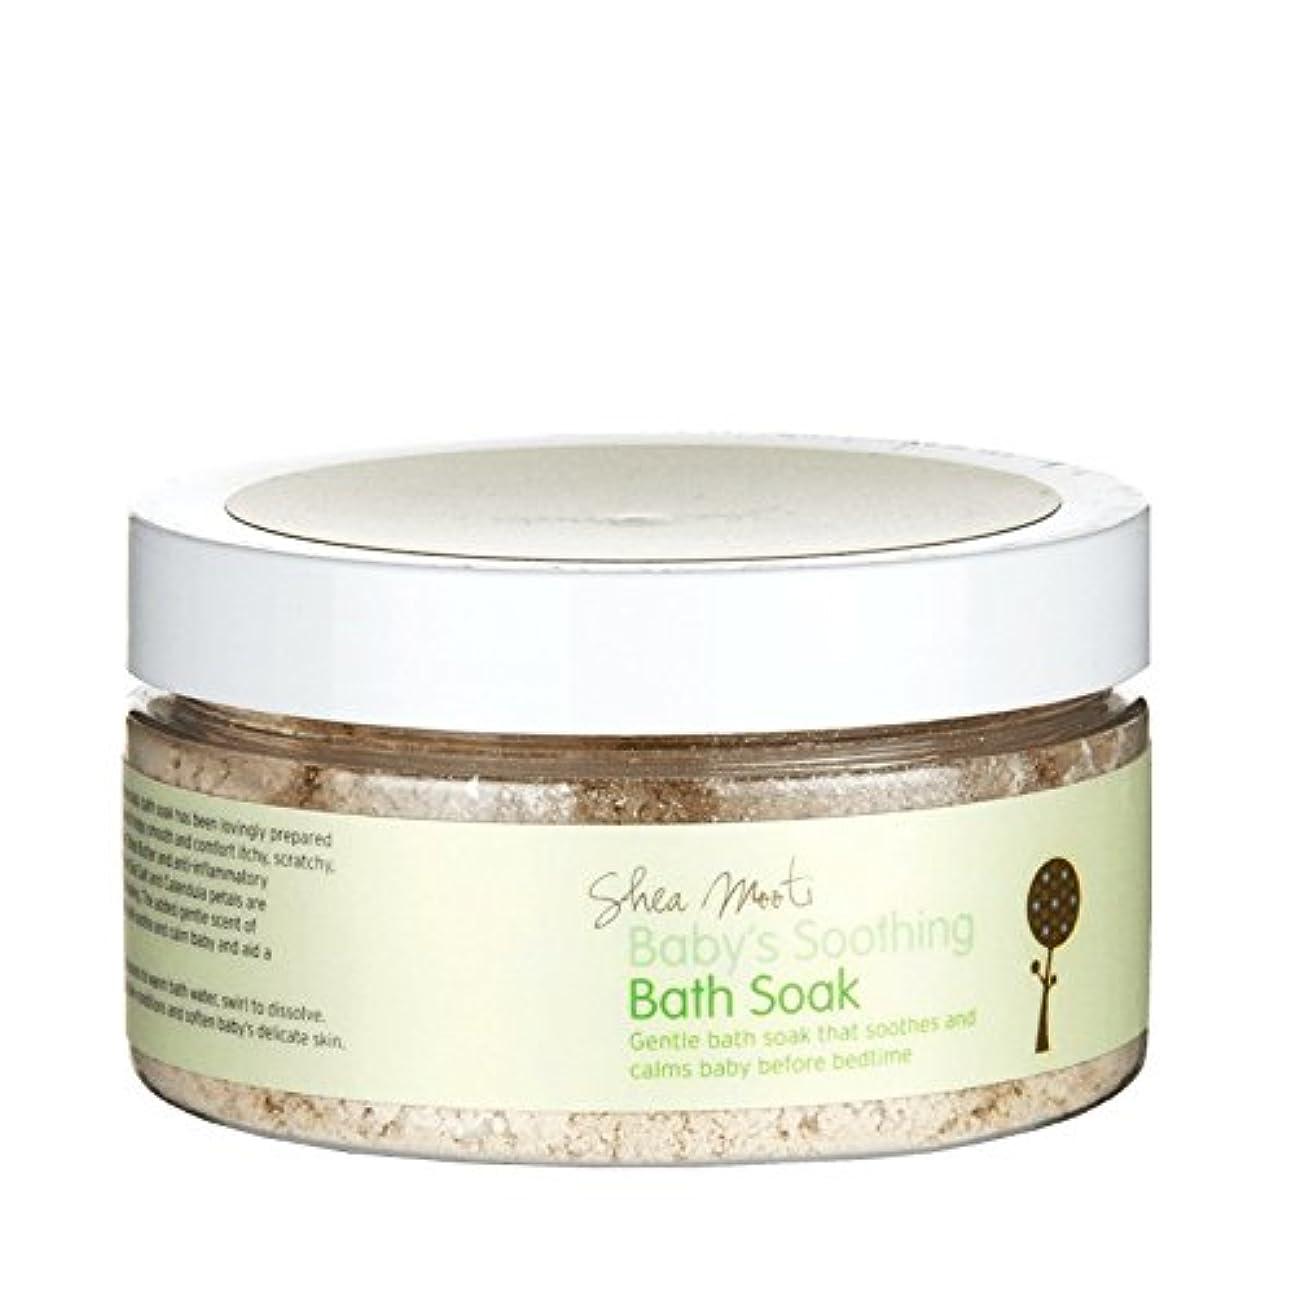 ハウス出くわす学ぶShea Mooti Baby's Soothing Bath Soak 130g (Pack of 6) - シアバターMooti赤ちゃんの癒しのお風呂は、130グラムを浸し (x6) [並行輸入品]